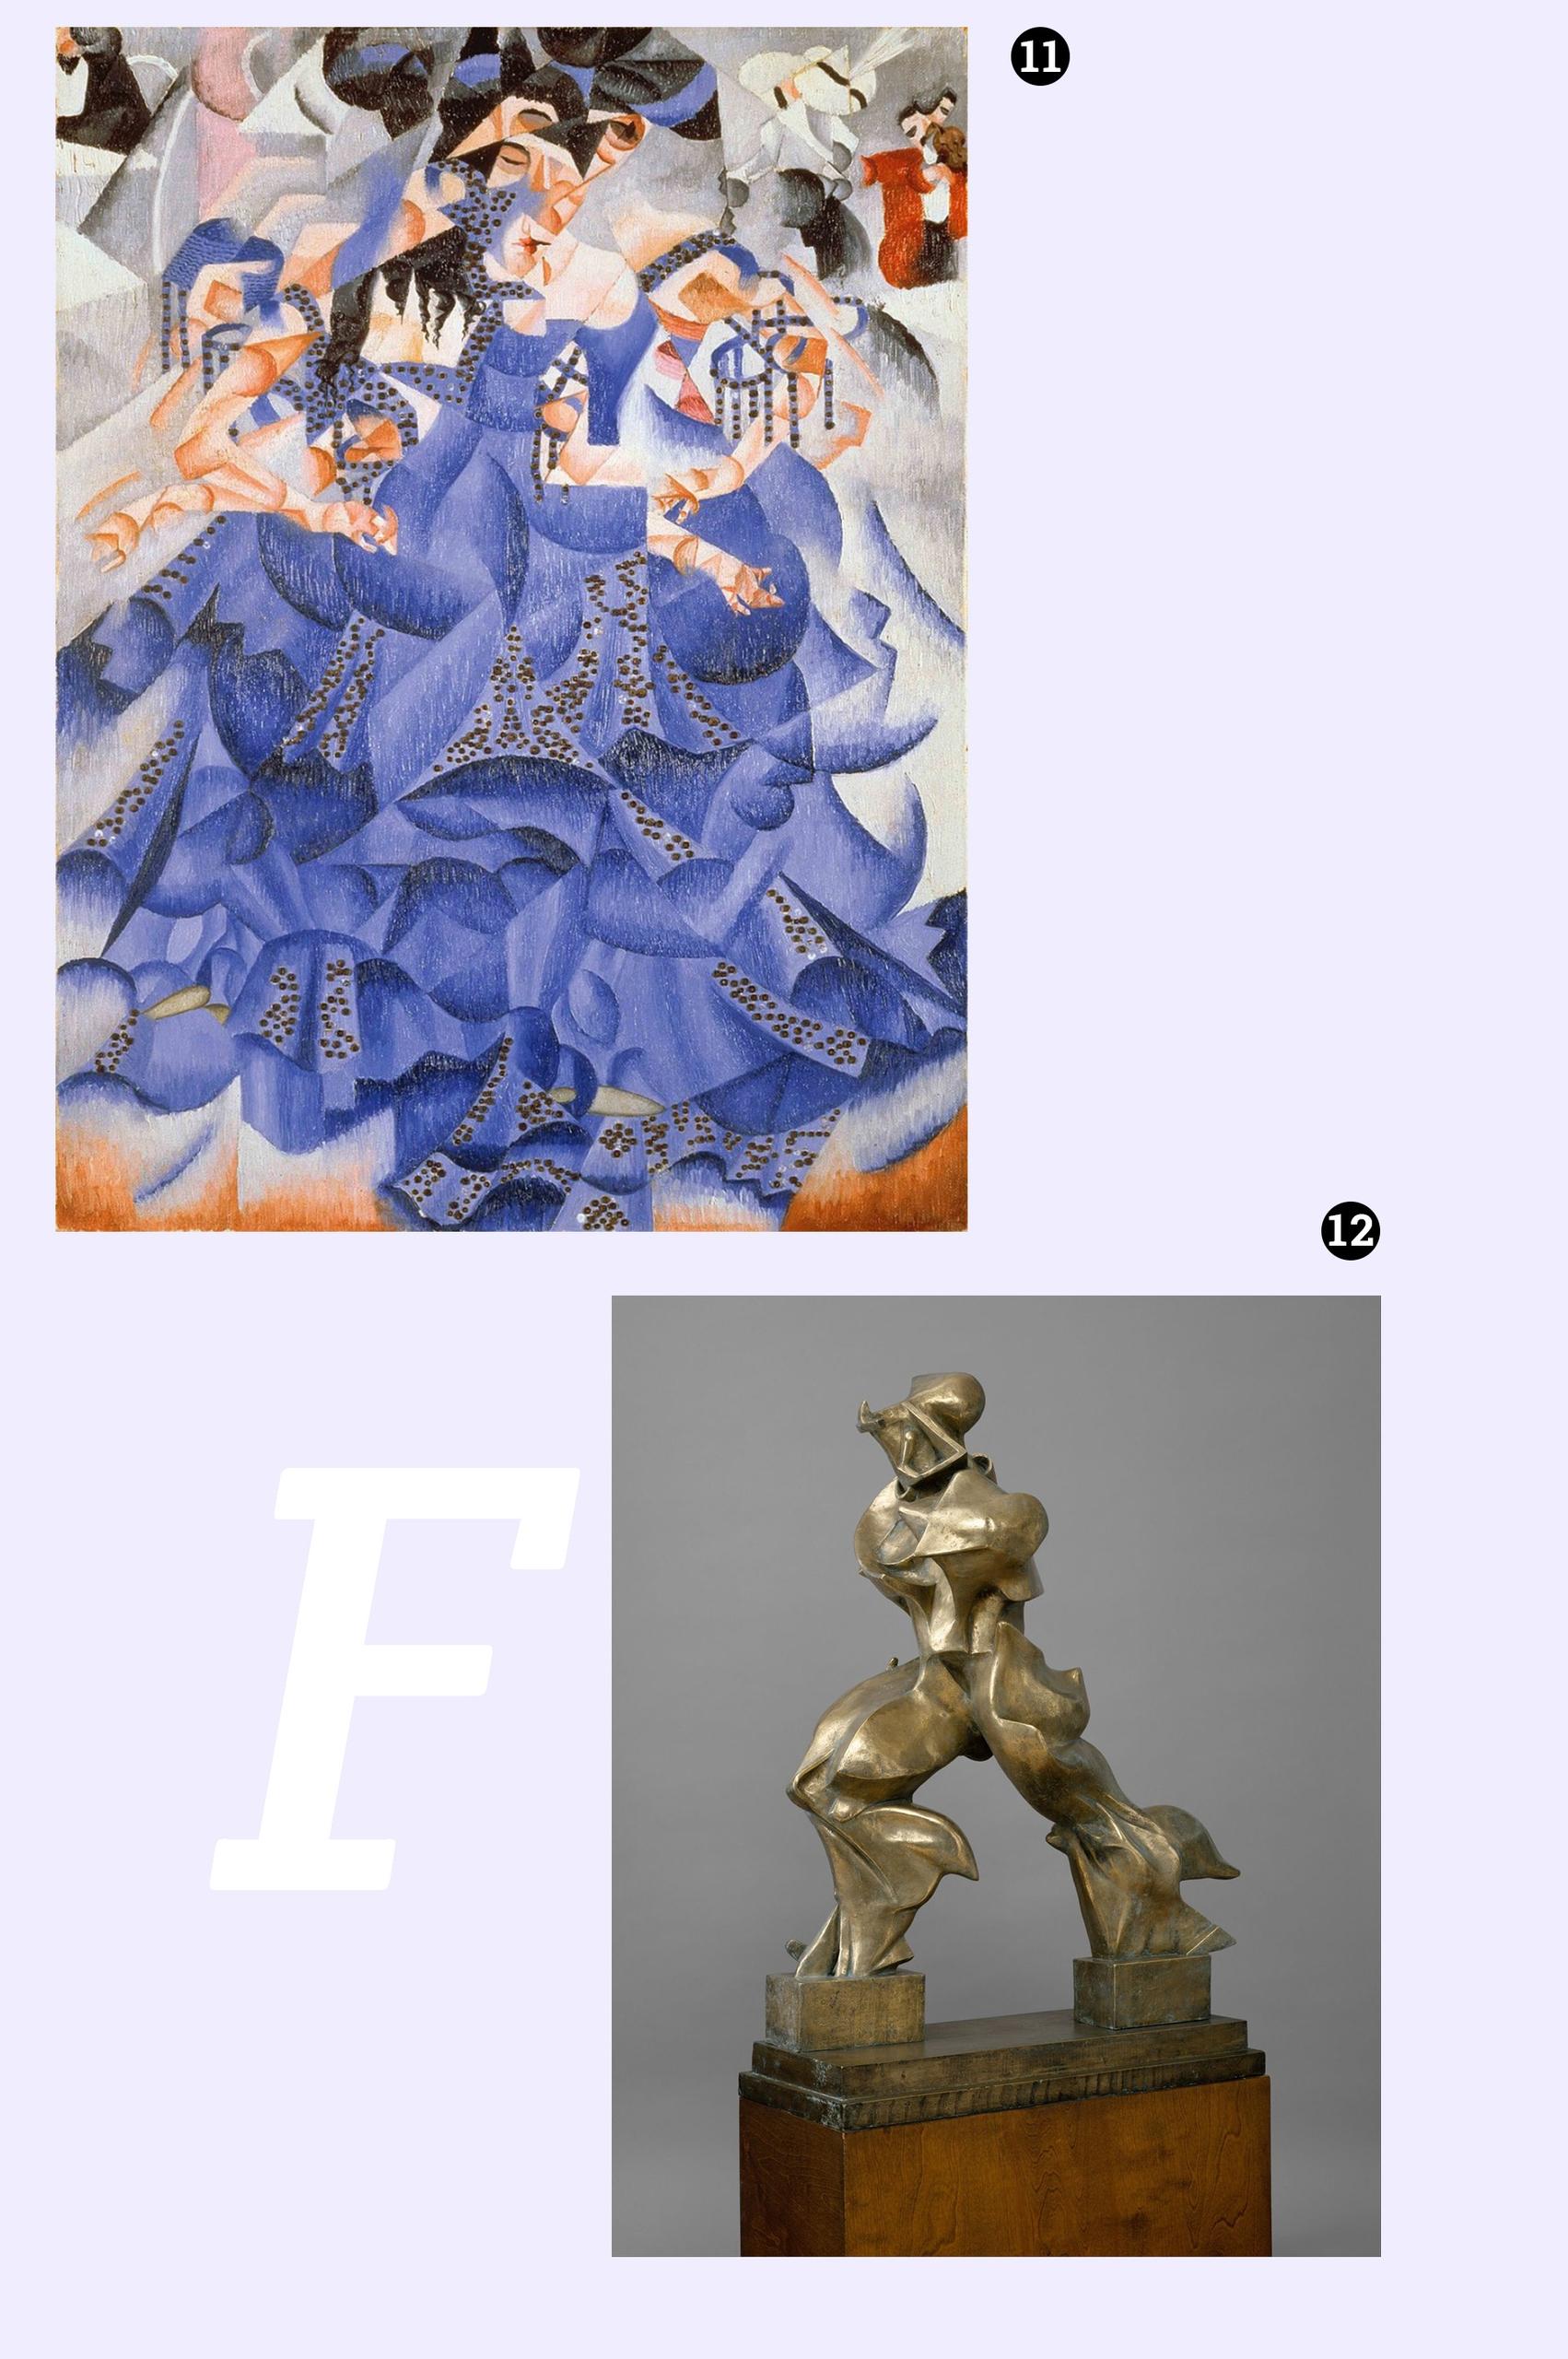 Obraz przedstawia fotografię obrazu znanego artysty oraz fotografię rzeźby z brązu. Całość na fioletowym tle.